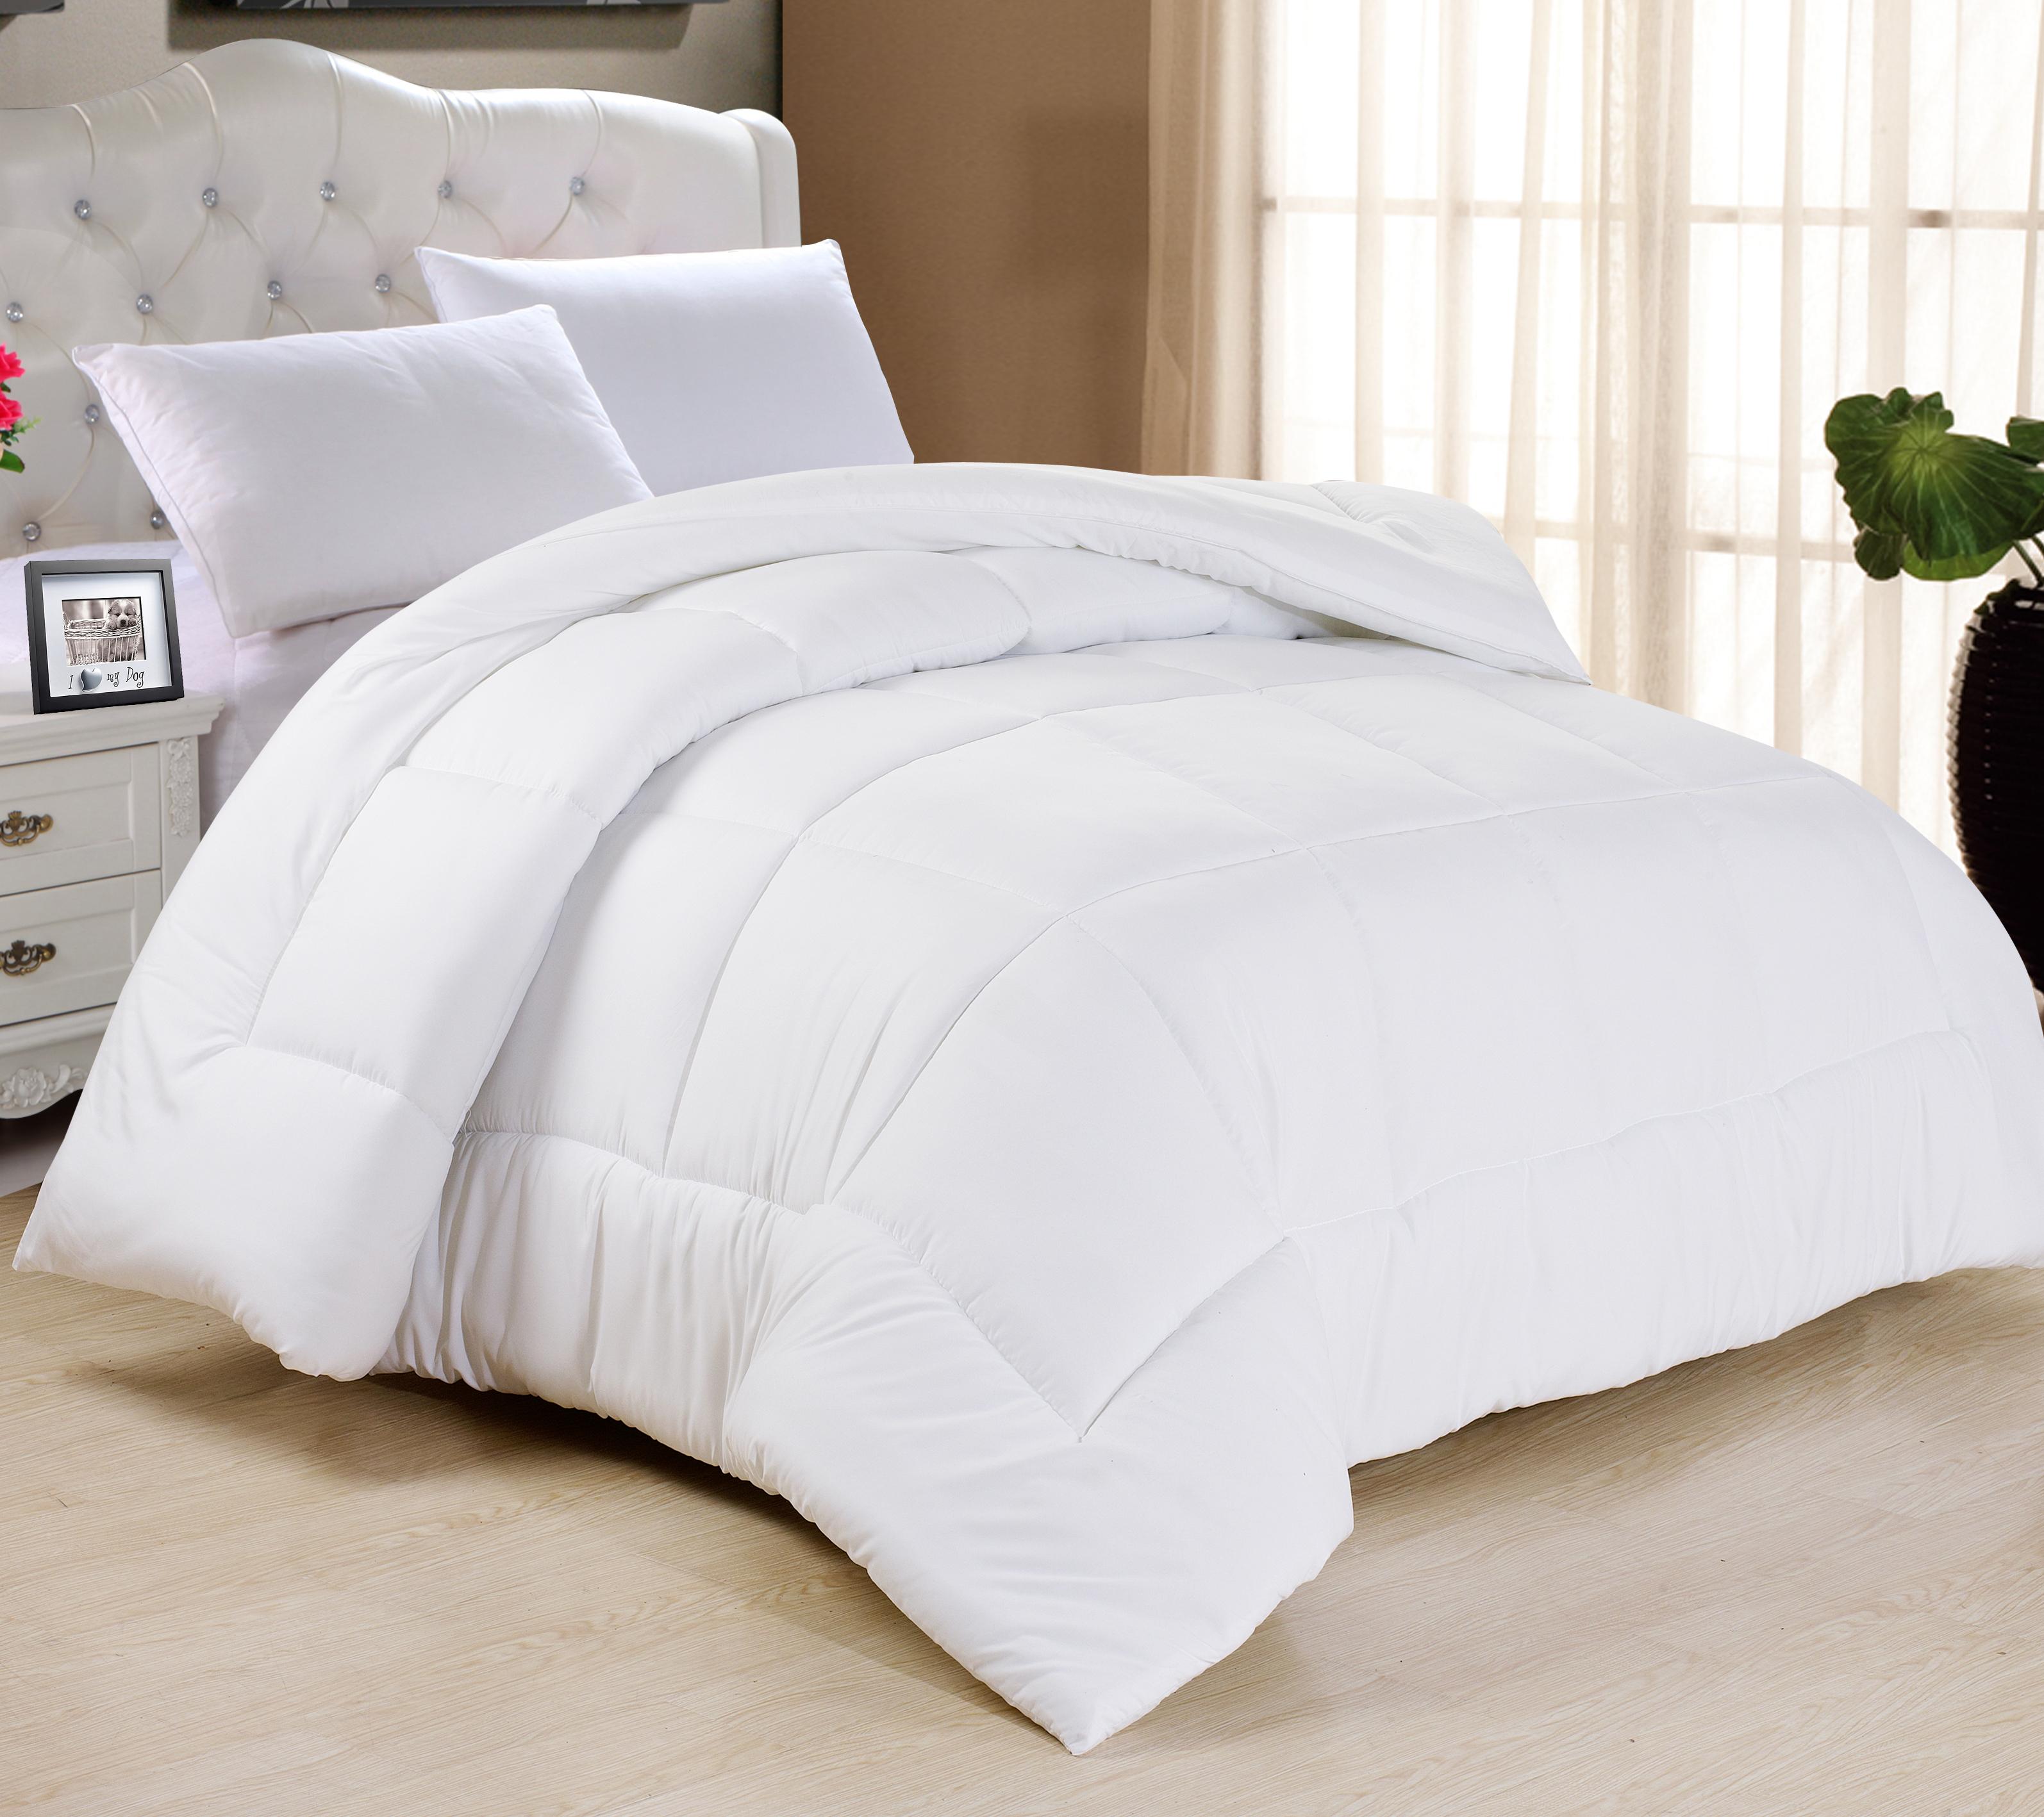 All-Season Down Alternative Comforter Duvet Insert in 5 Colors - Twin, White